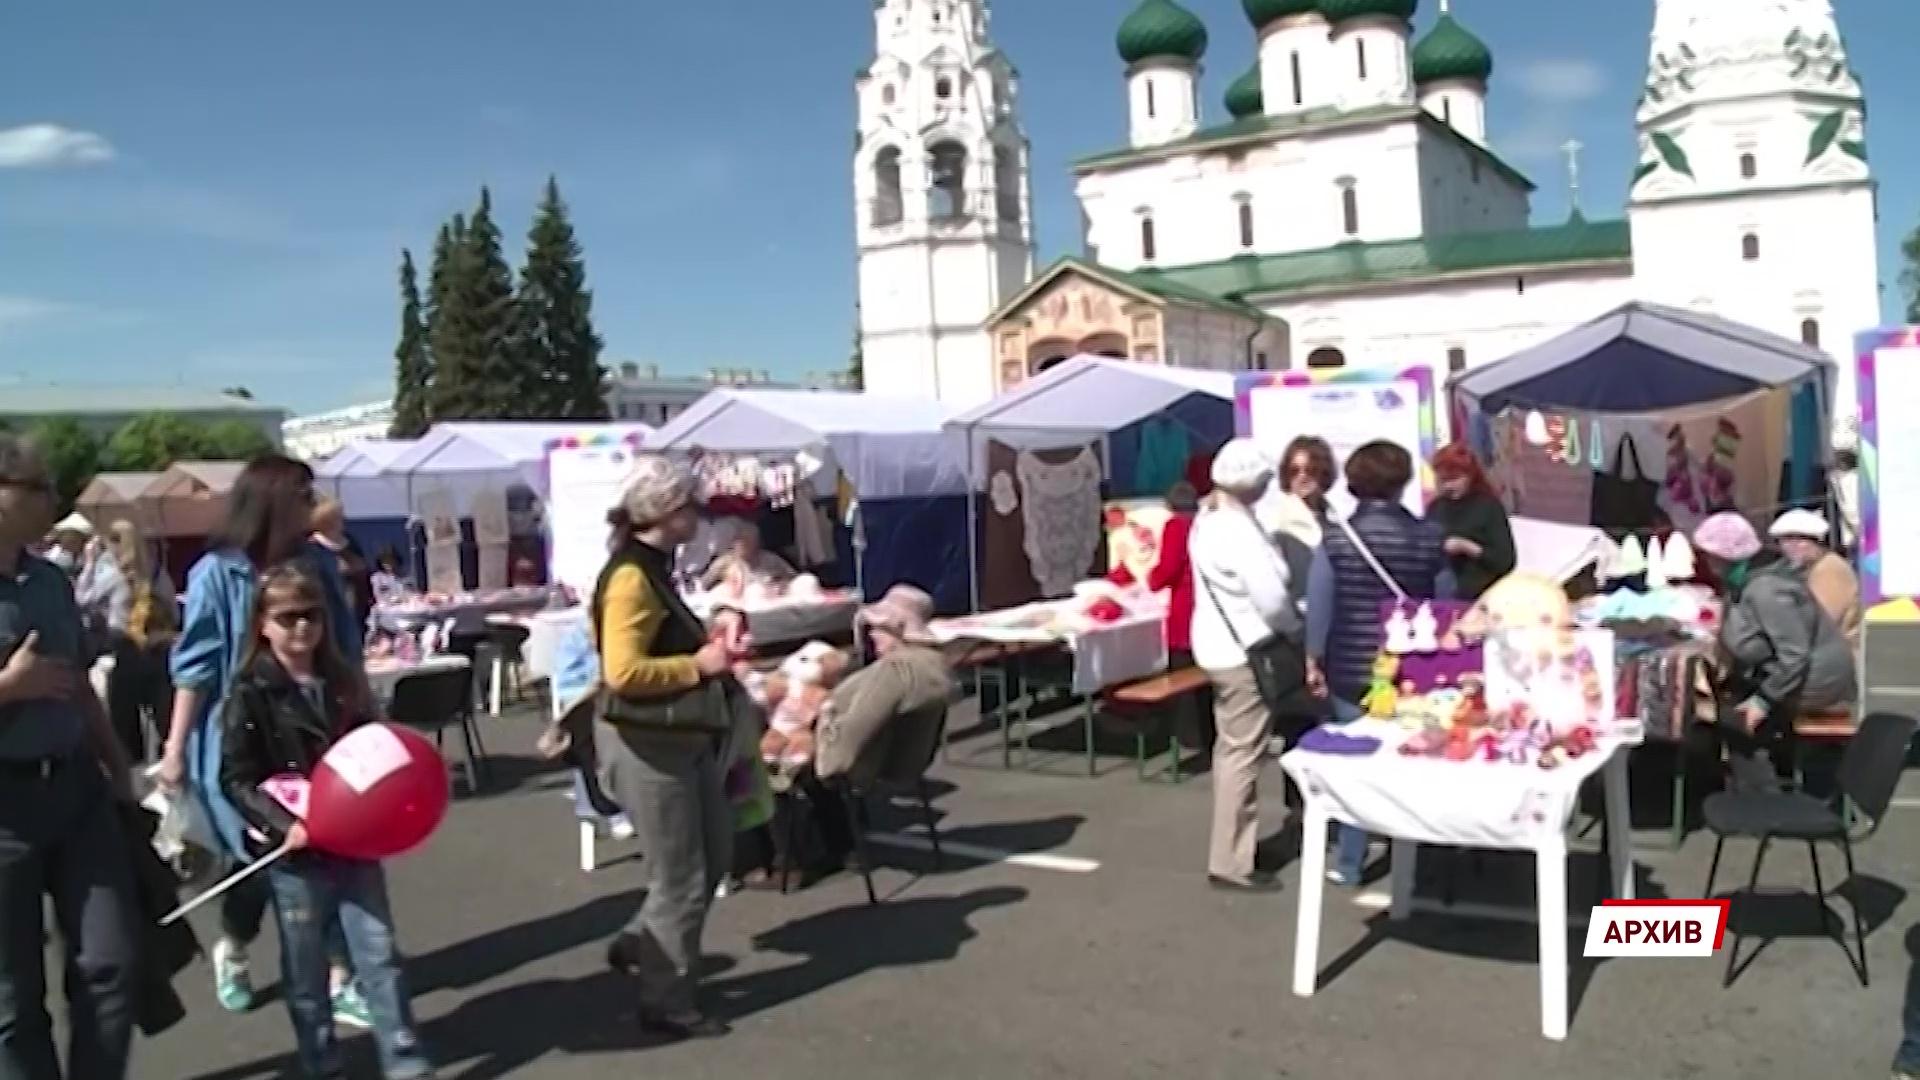 Стала известна дата празднования юбилея Ярославля